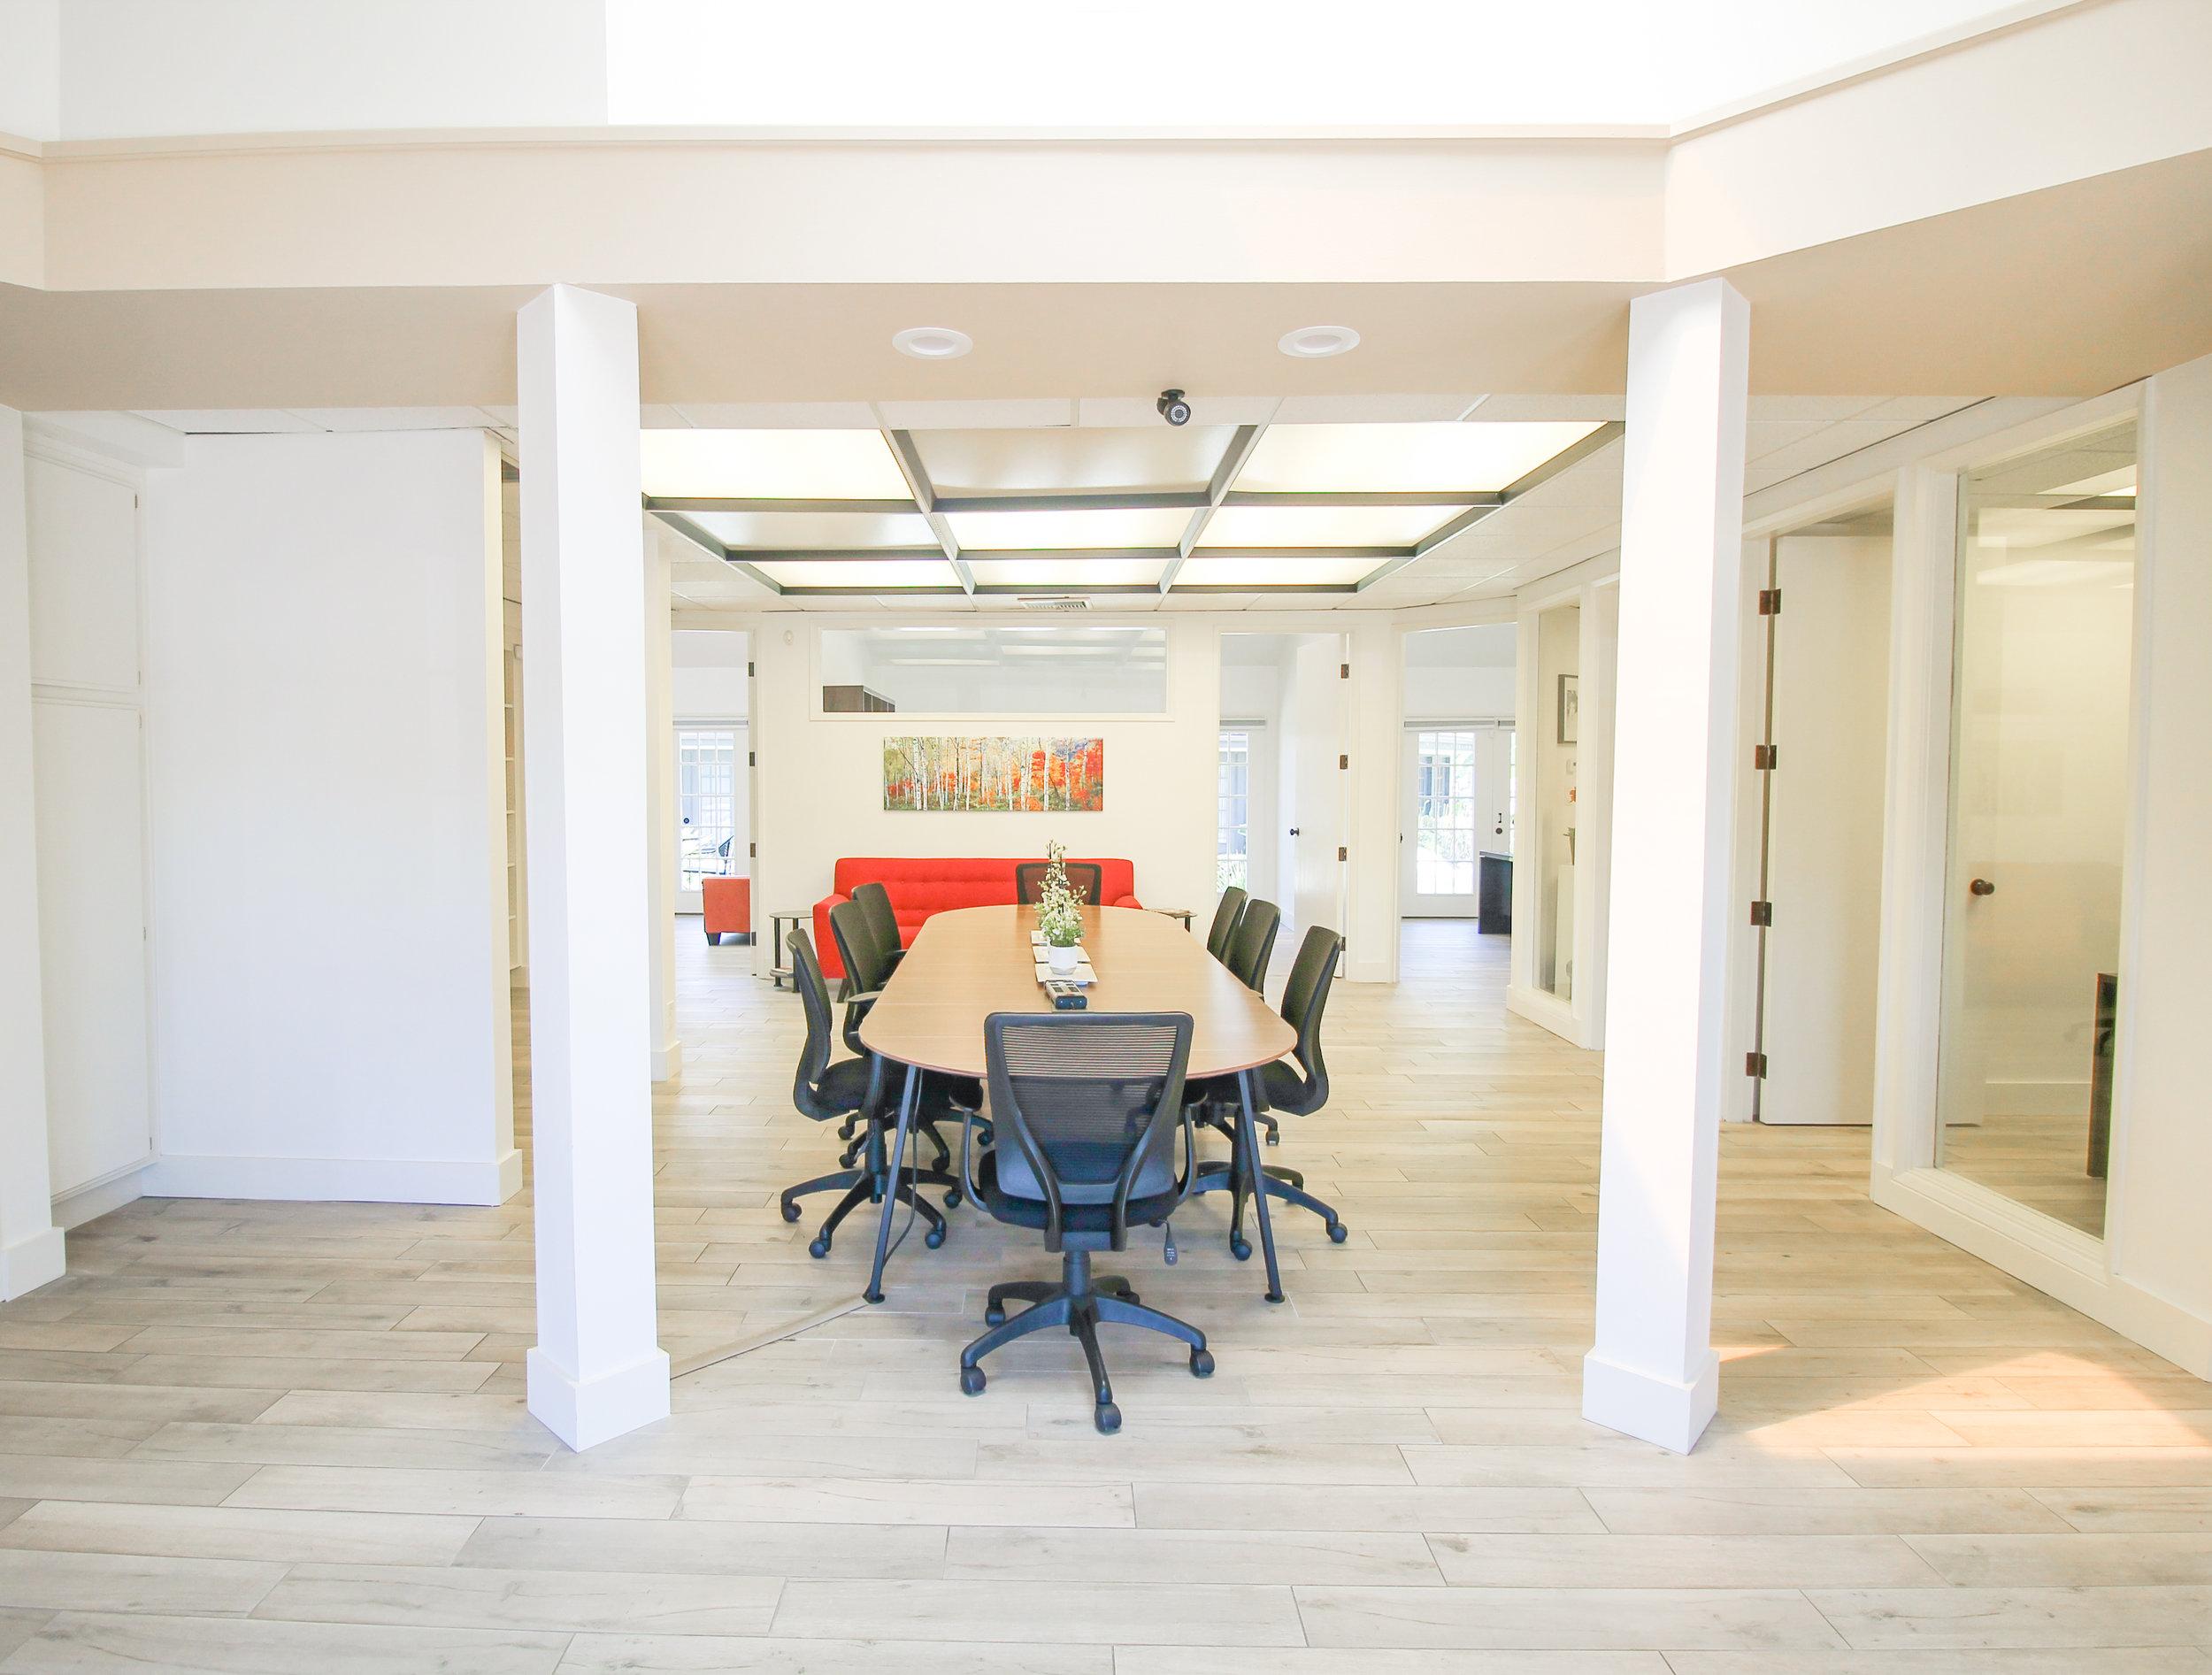 sale - Creative Office SpaceCosta Mesa, CADOWNLOAD BROCHURE